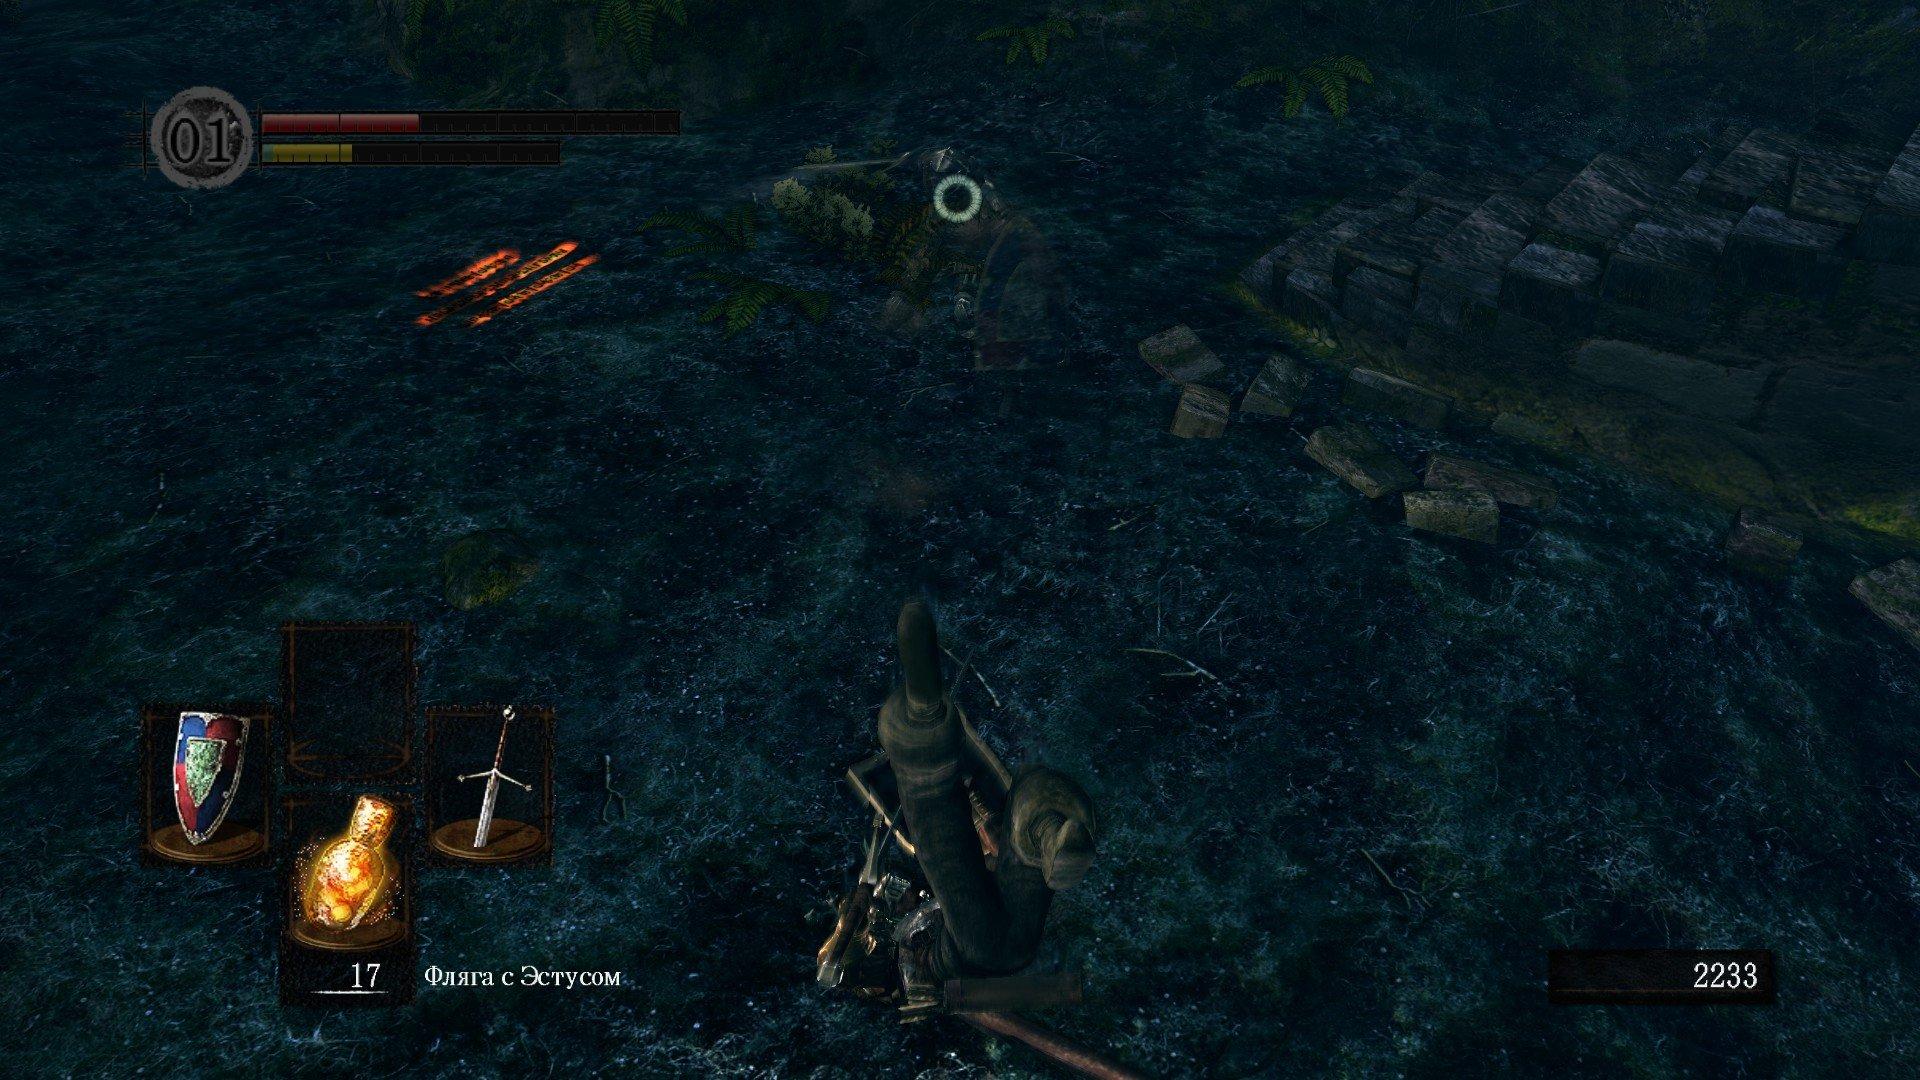 Вопль-прохождение Dark Souls часть 2 ... все в одном посте ... все еще думаю над названием!. - Изображение 7